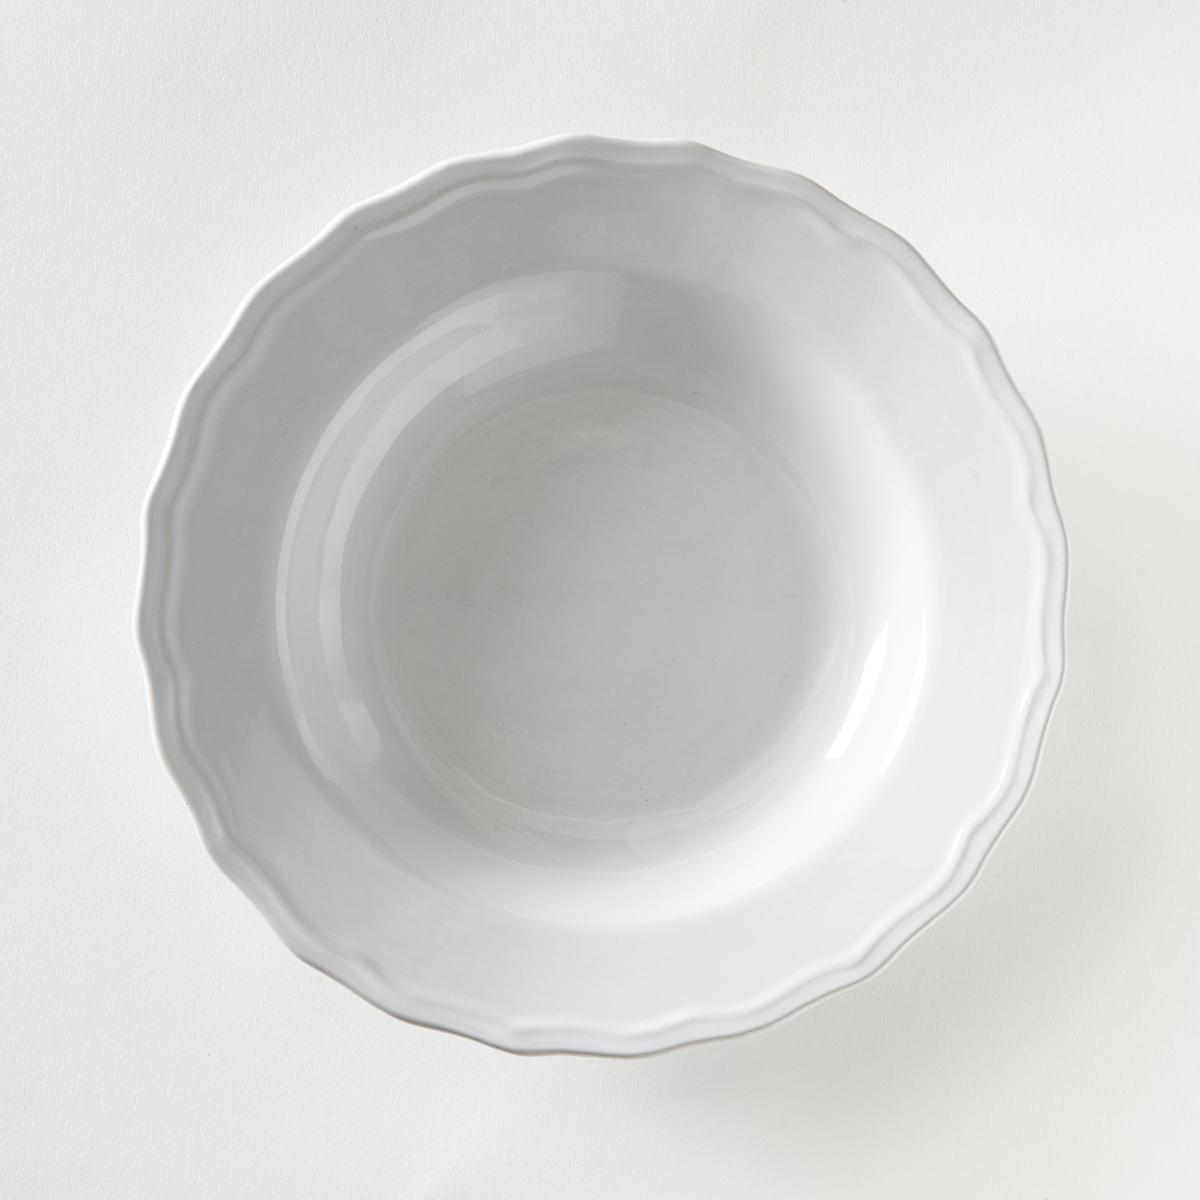 Комплект из глубоких тарелок La Redoute С отделкой фестонами AJILA единый размер белый этажерка la redoute с полками remia единый размер белый